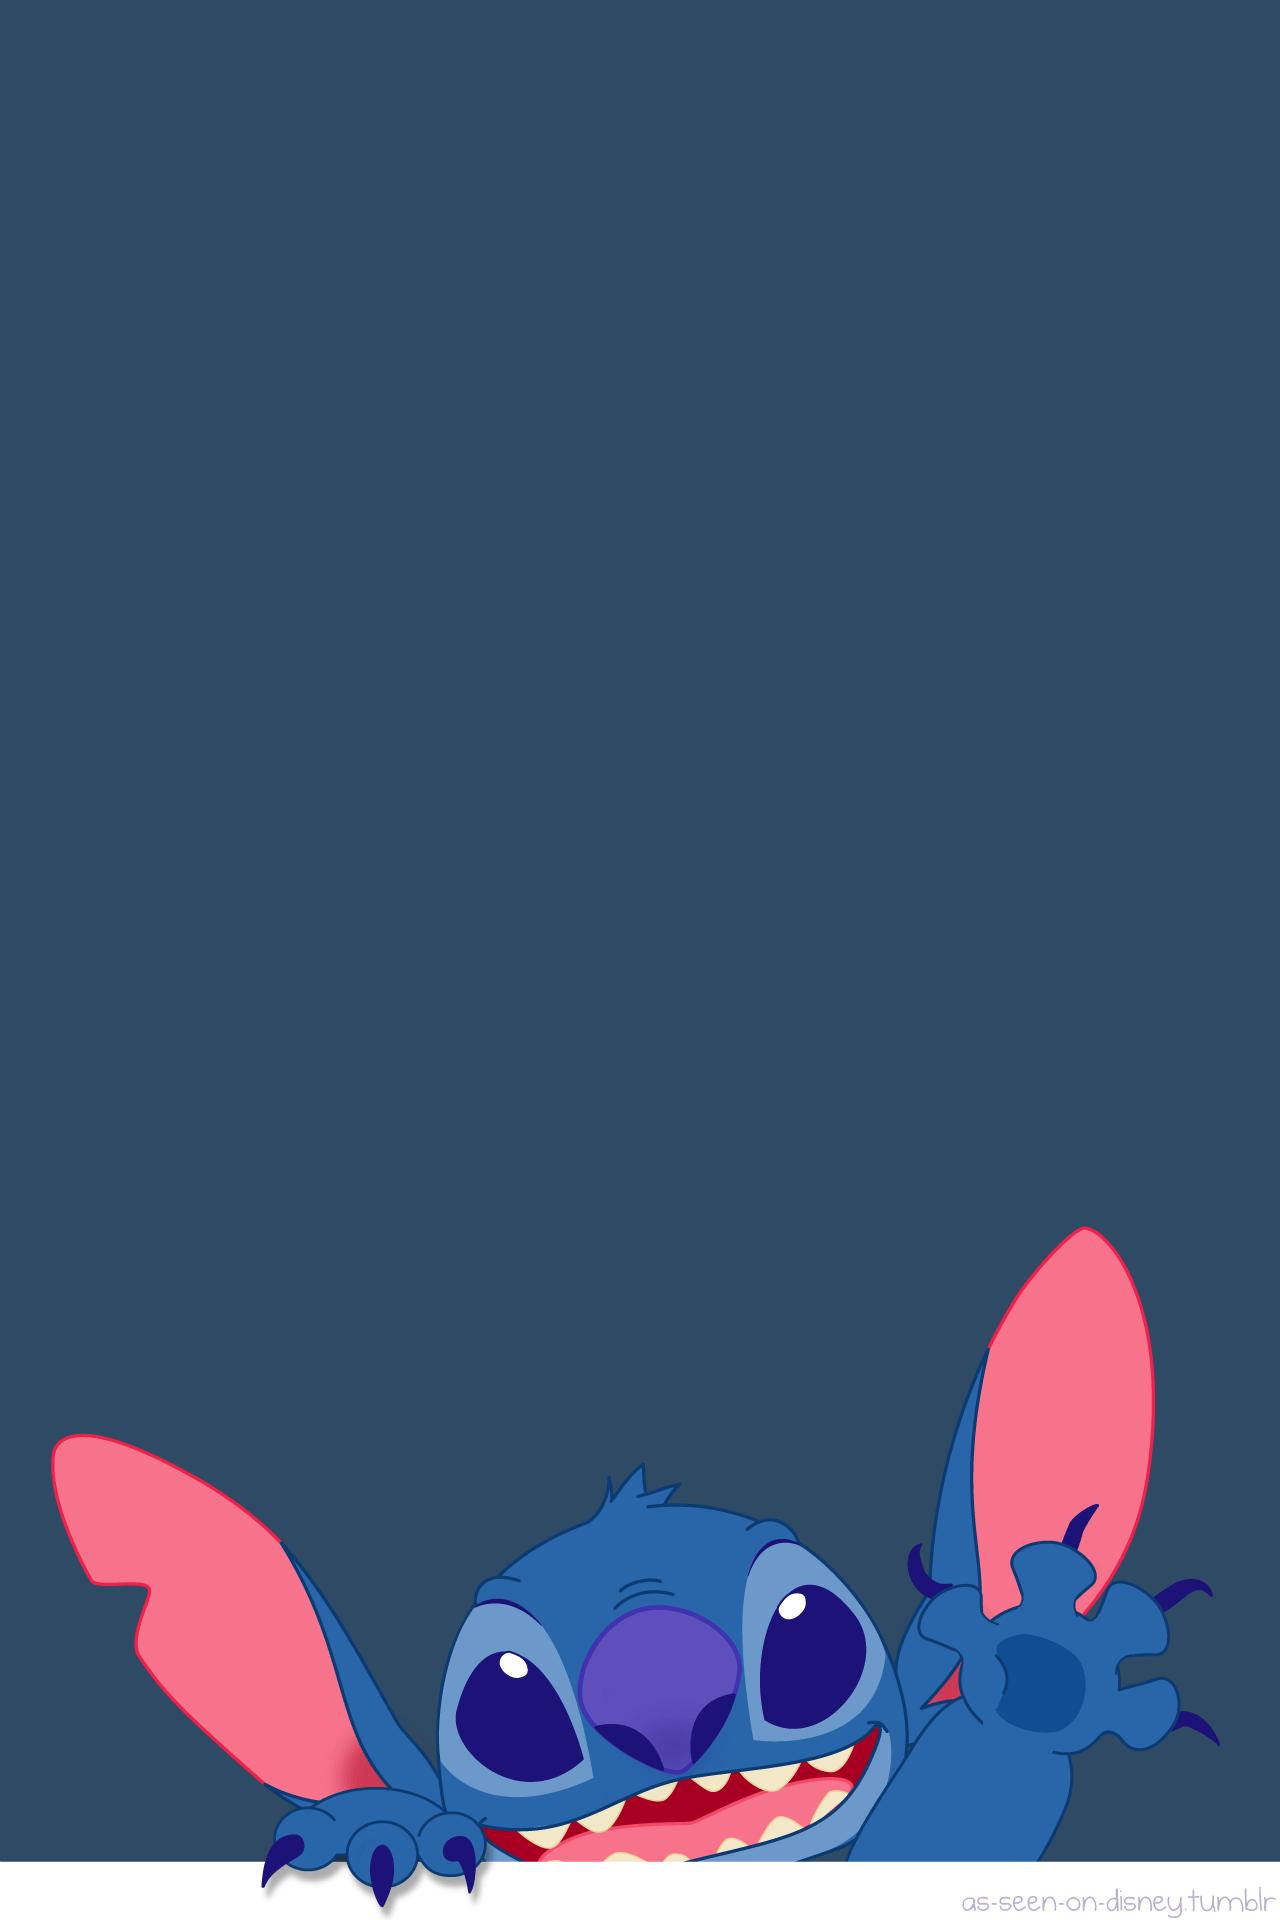 Cute Stitch Wallpaper Hd Goodpict1st Org